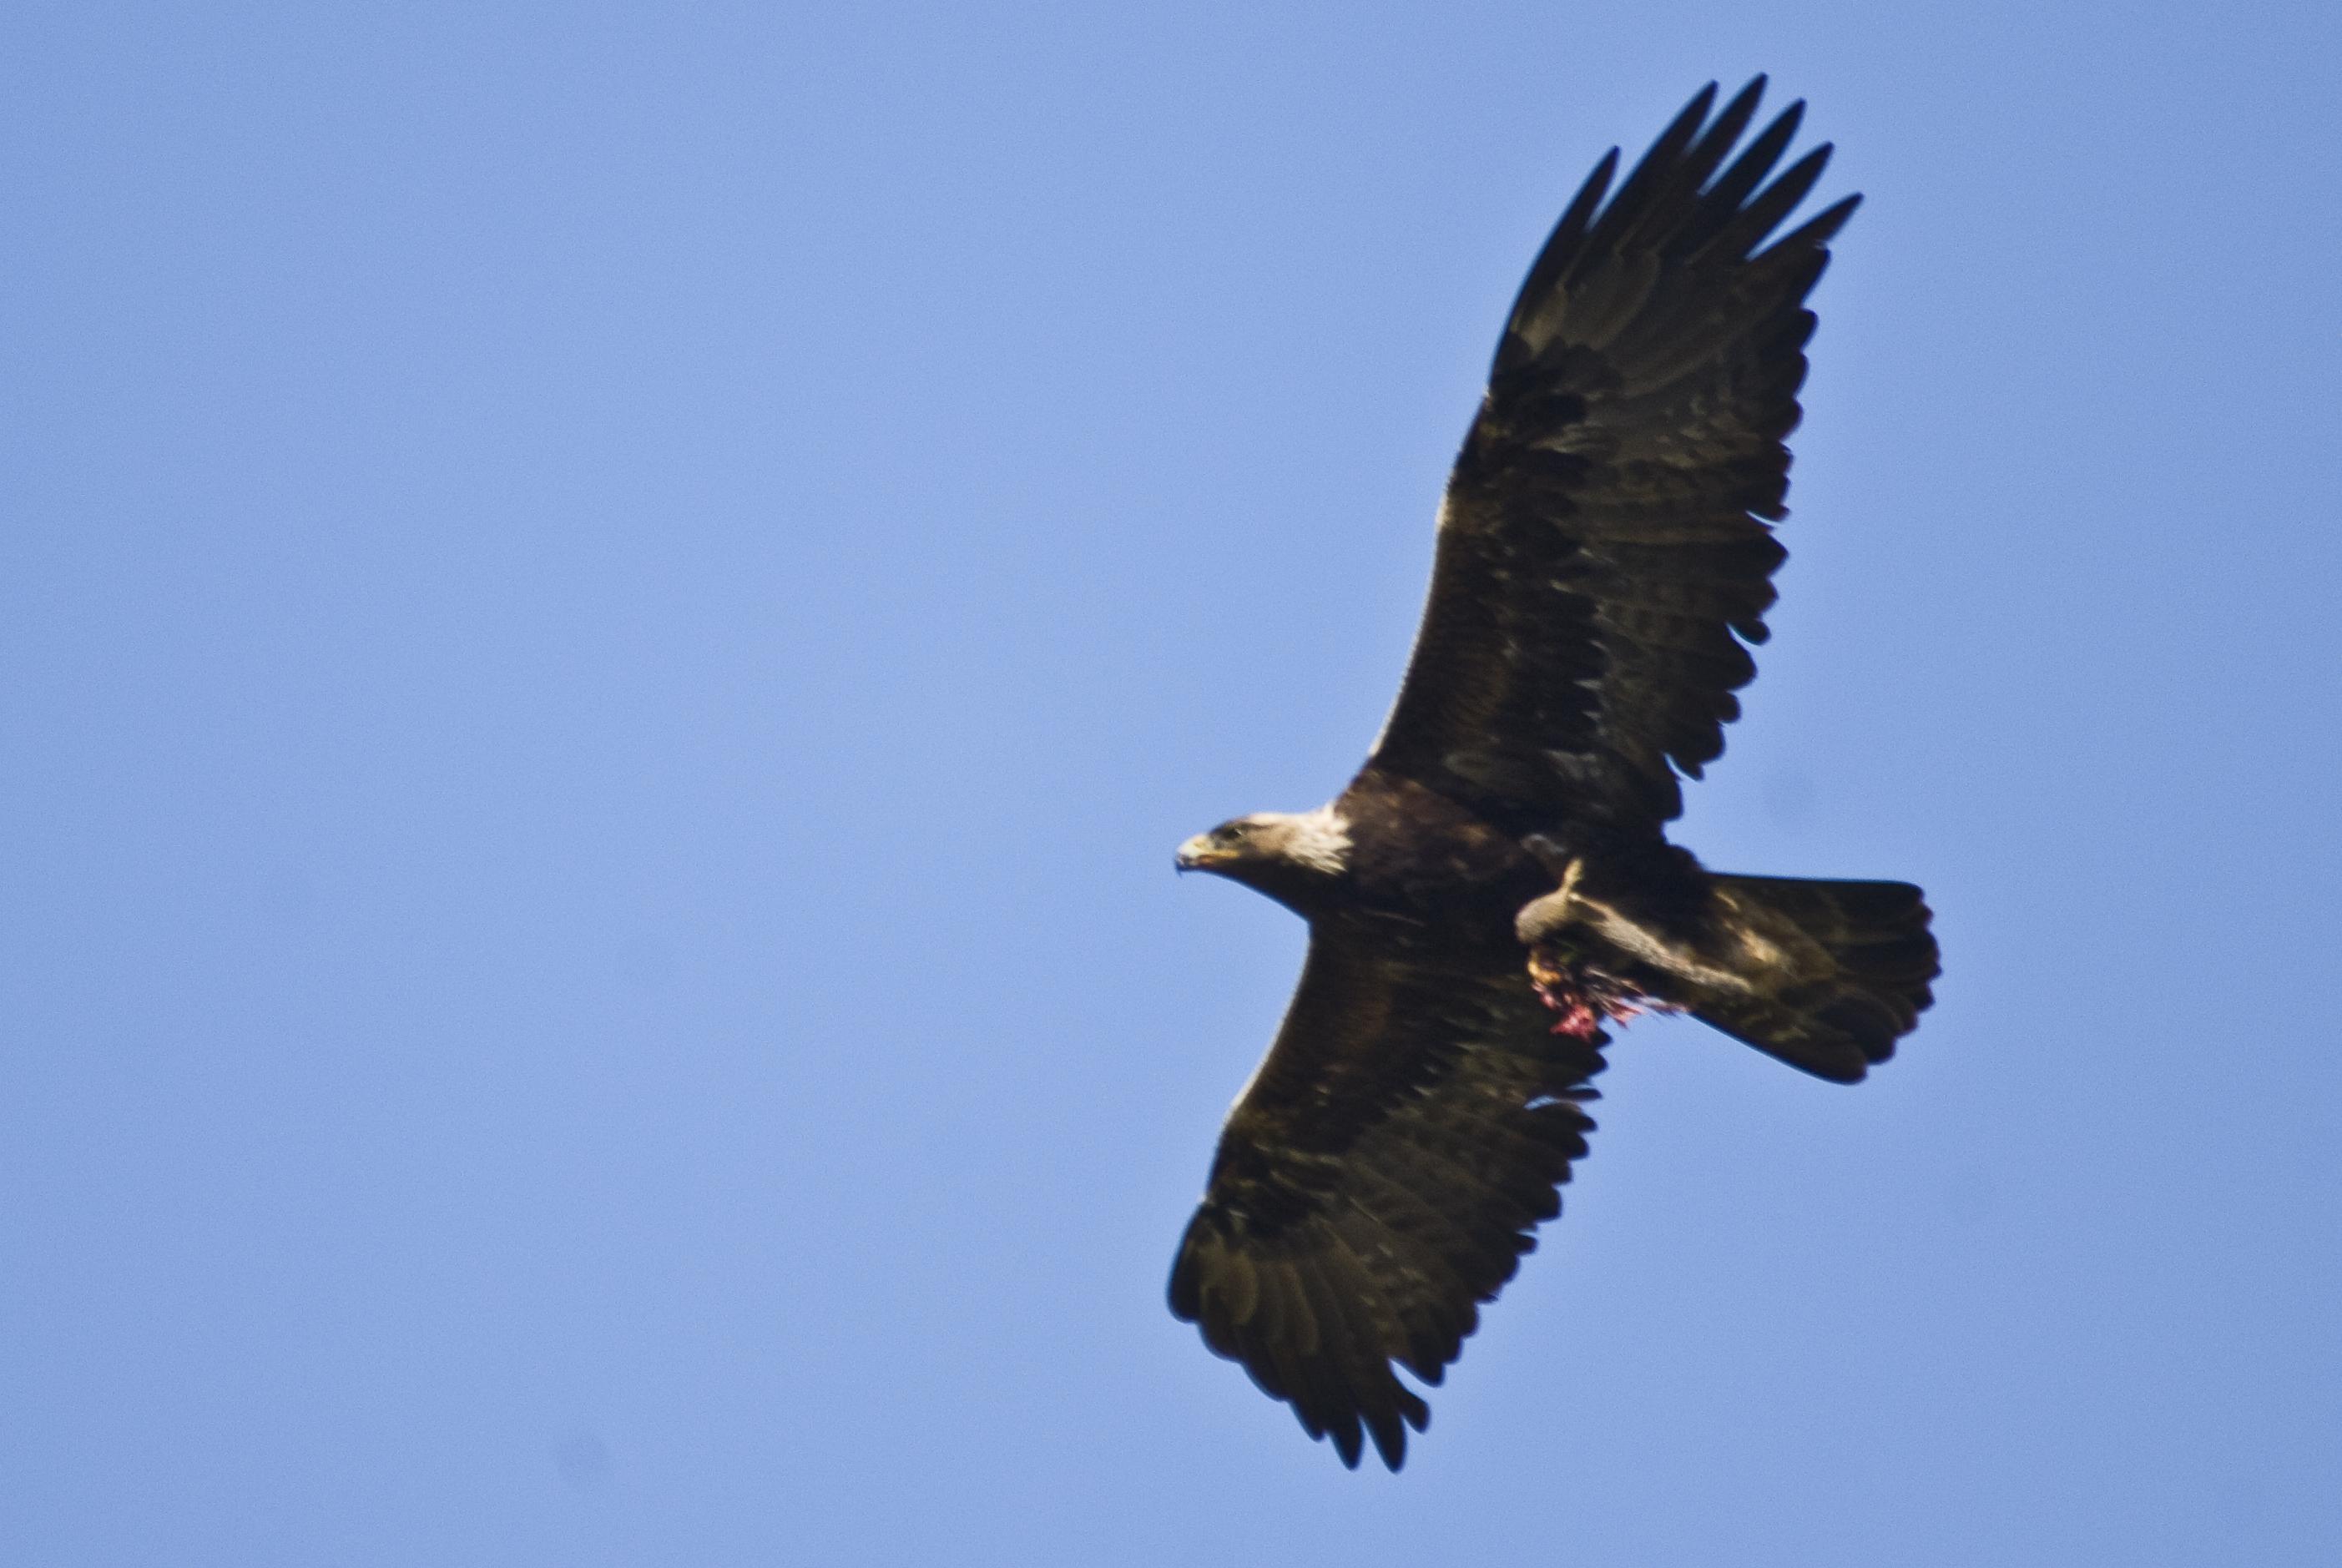 File:Golden Eagle flying.jpg - Wikimedia Commons